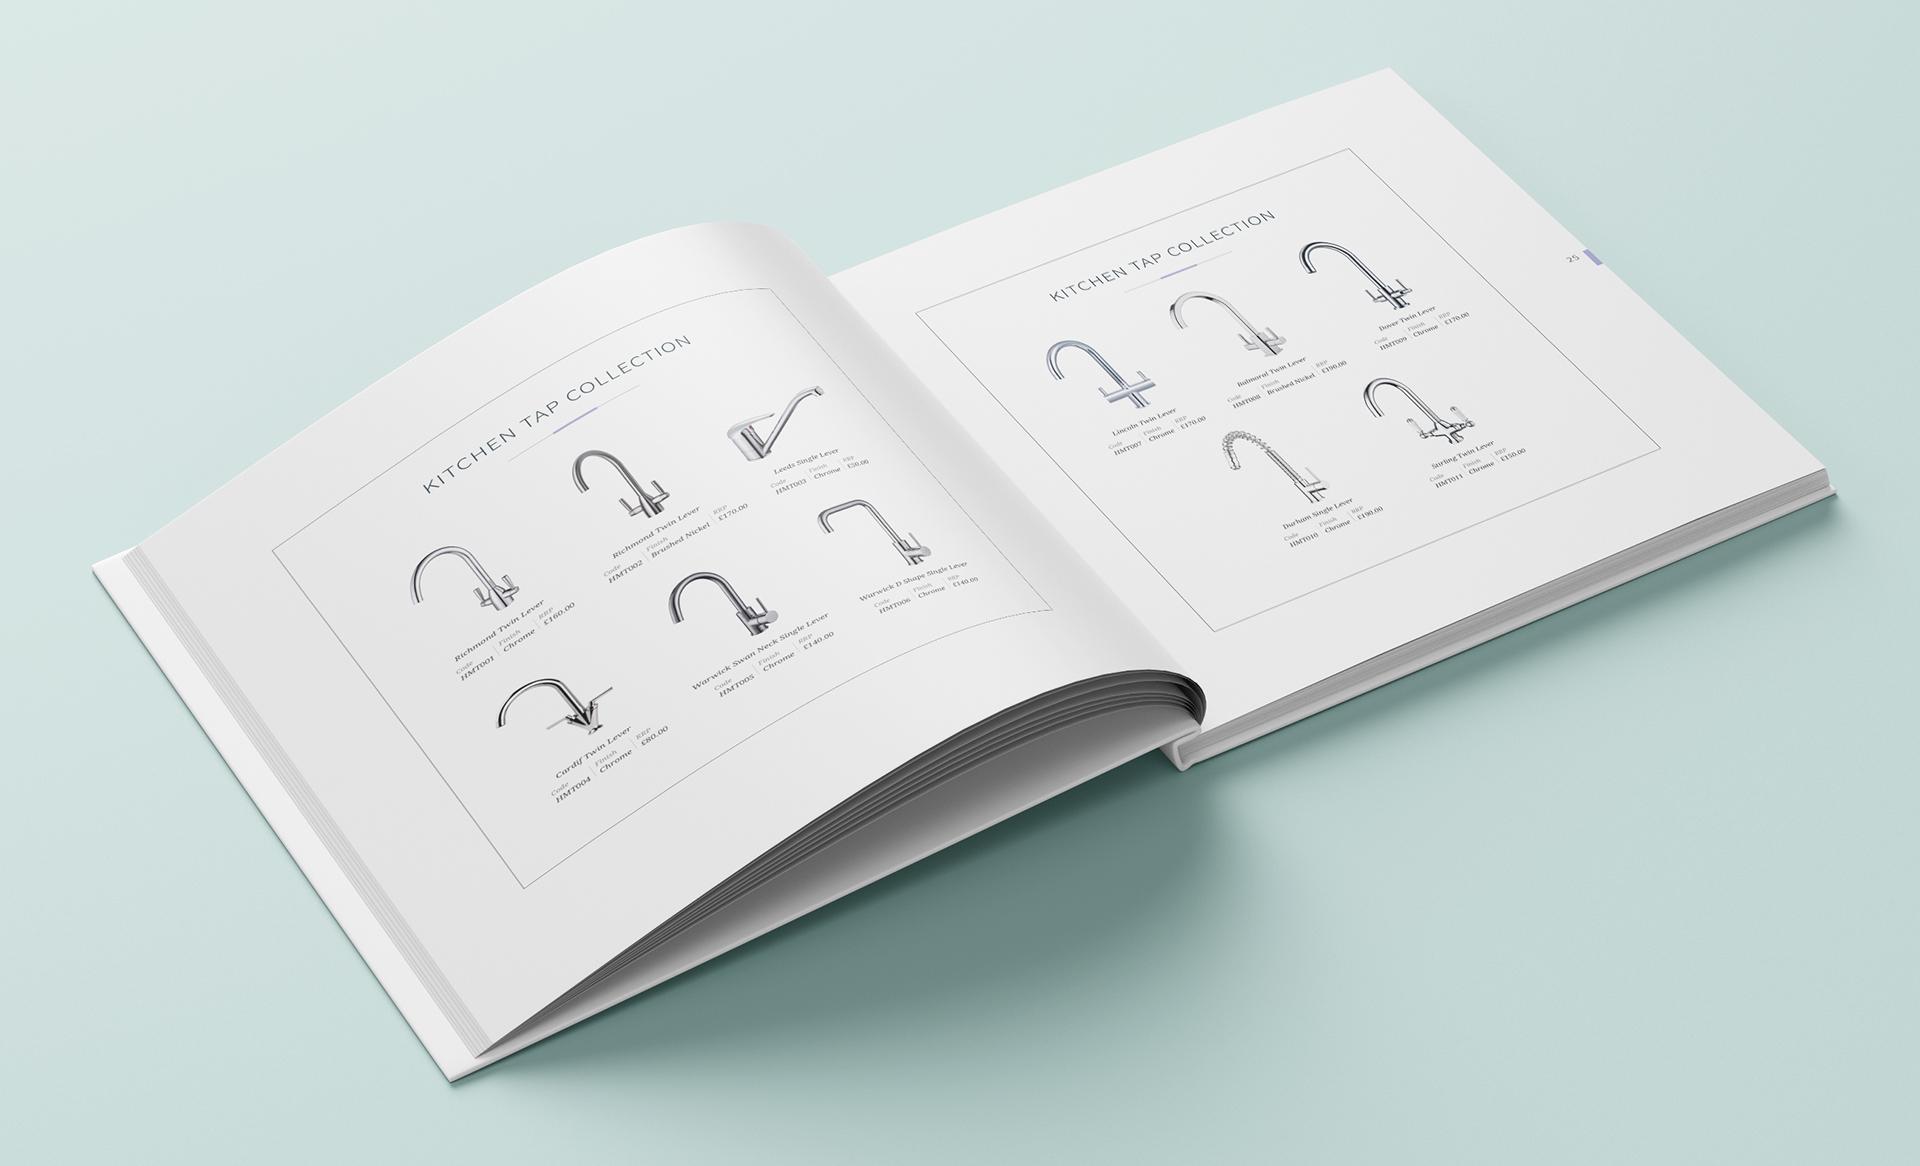 Square_Book_Mockup_8.jpg